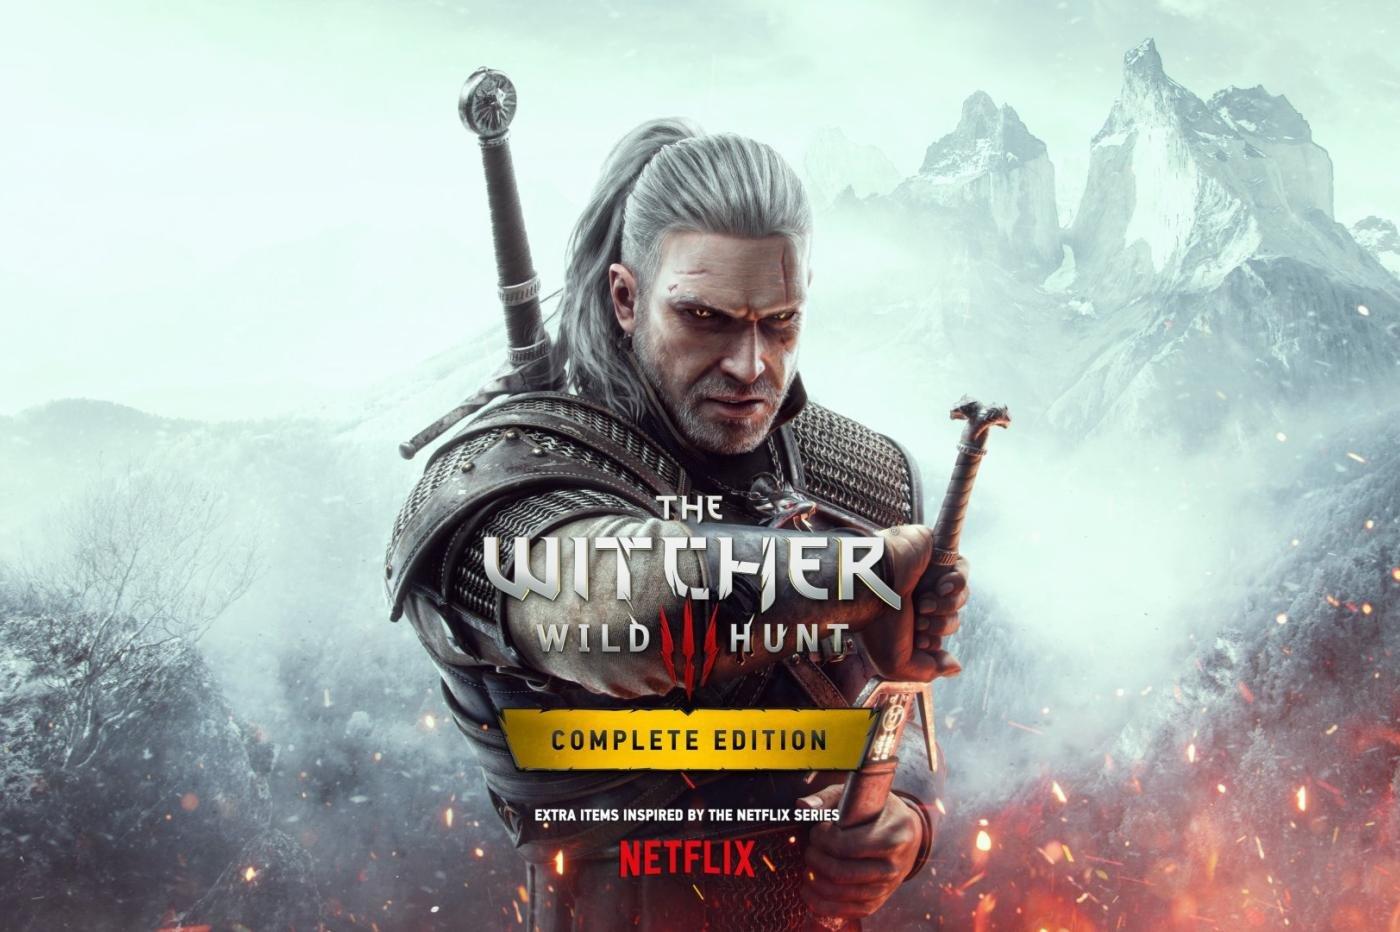 La aventura de The Witcher 3 no ha terminado: se acerca un DLC en honor a la serie de Netflix